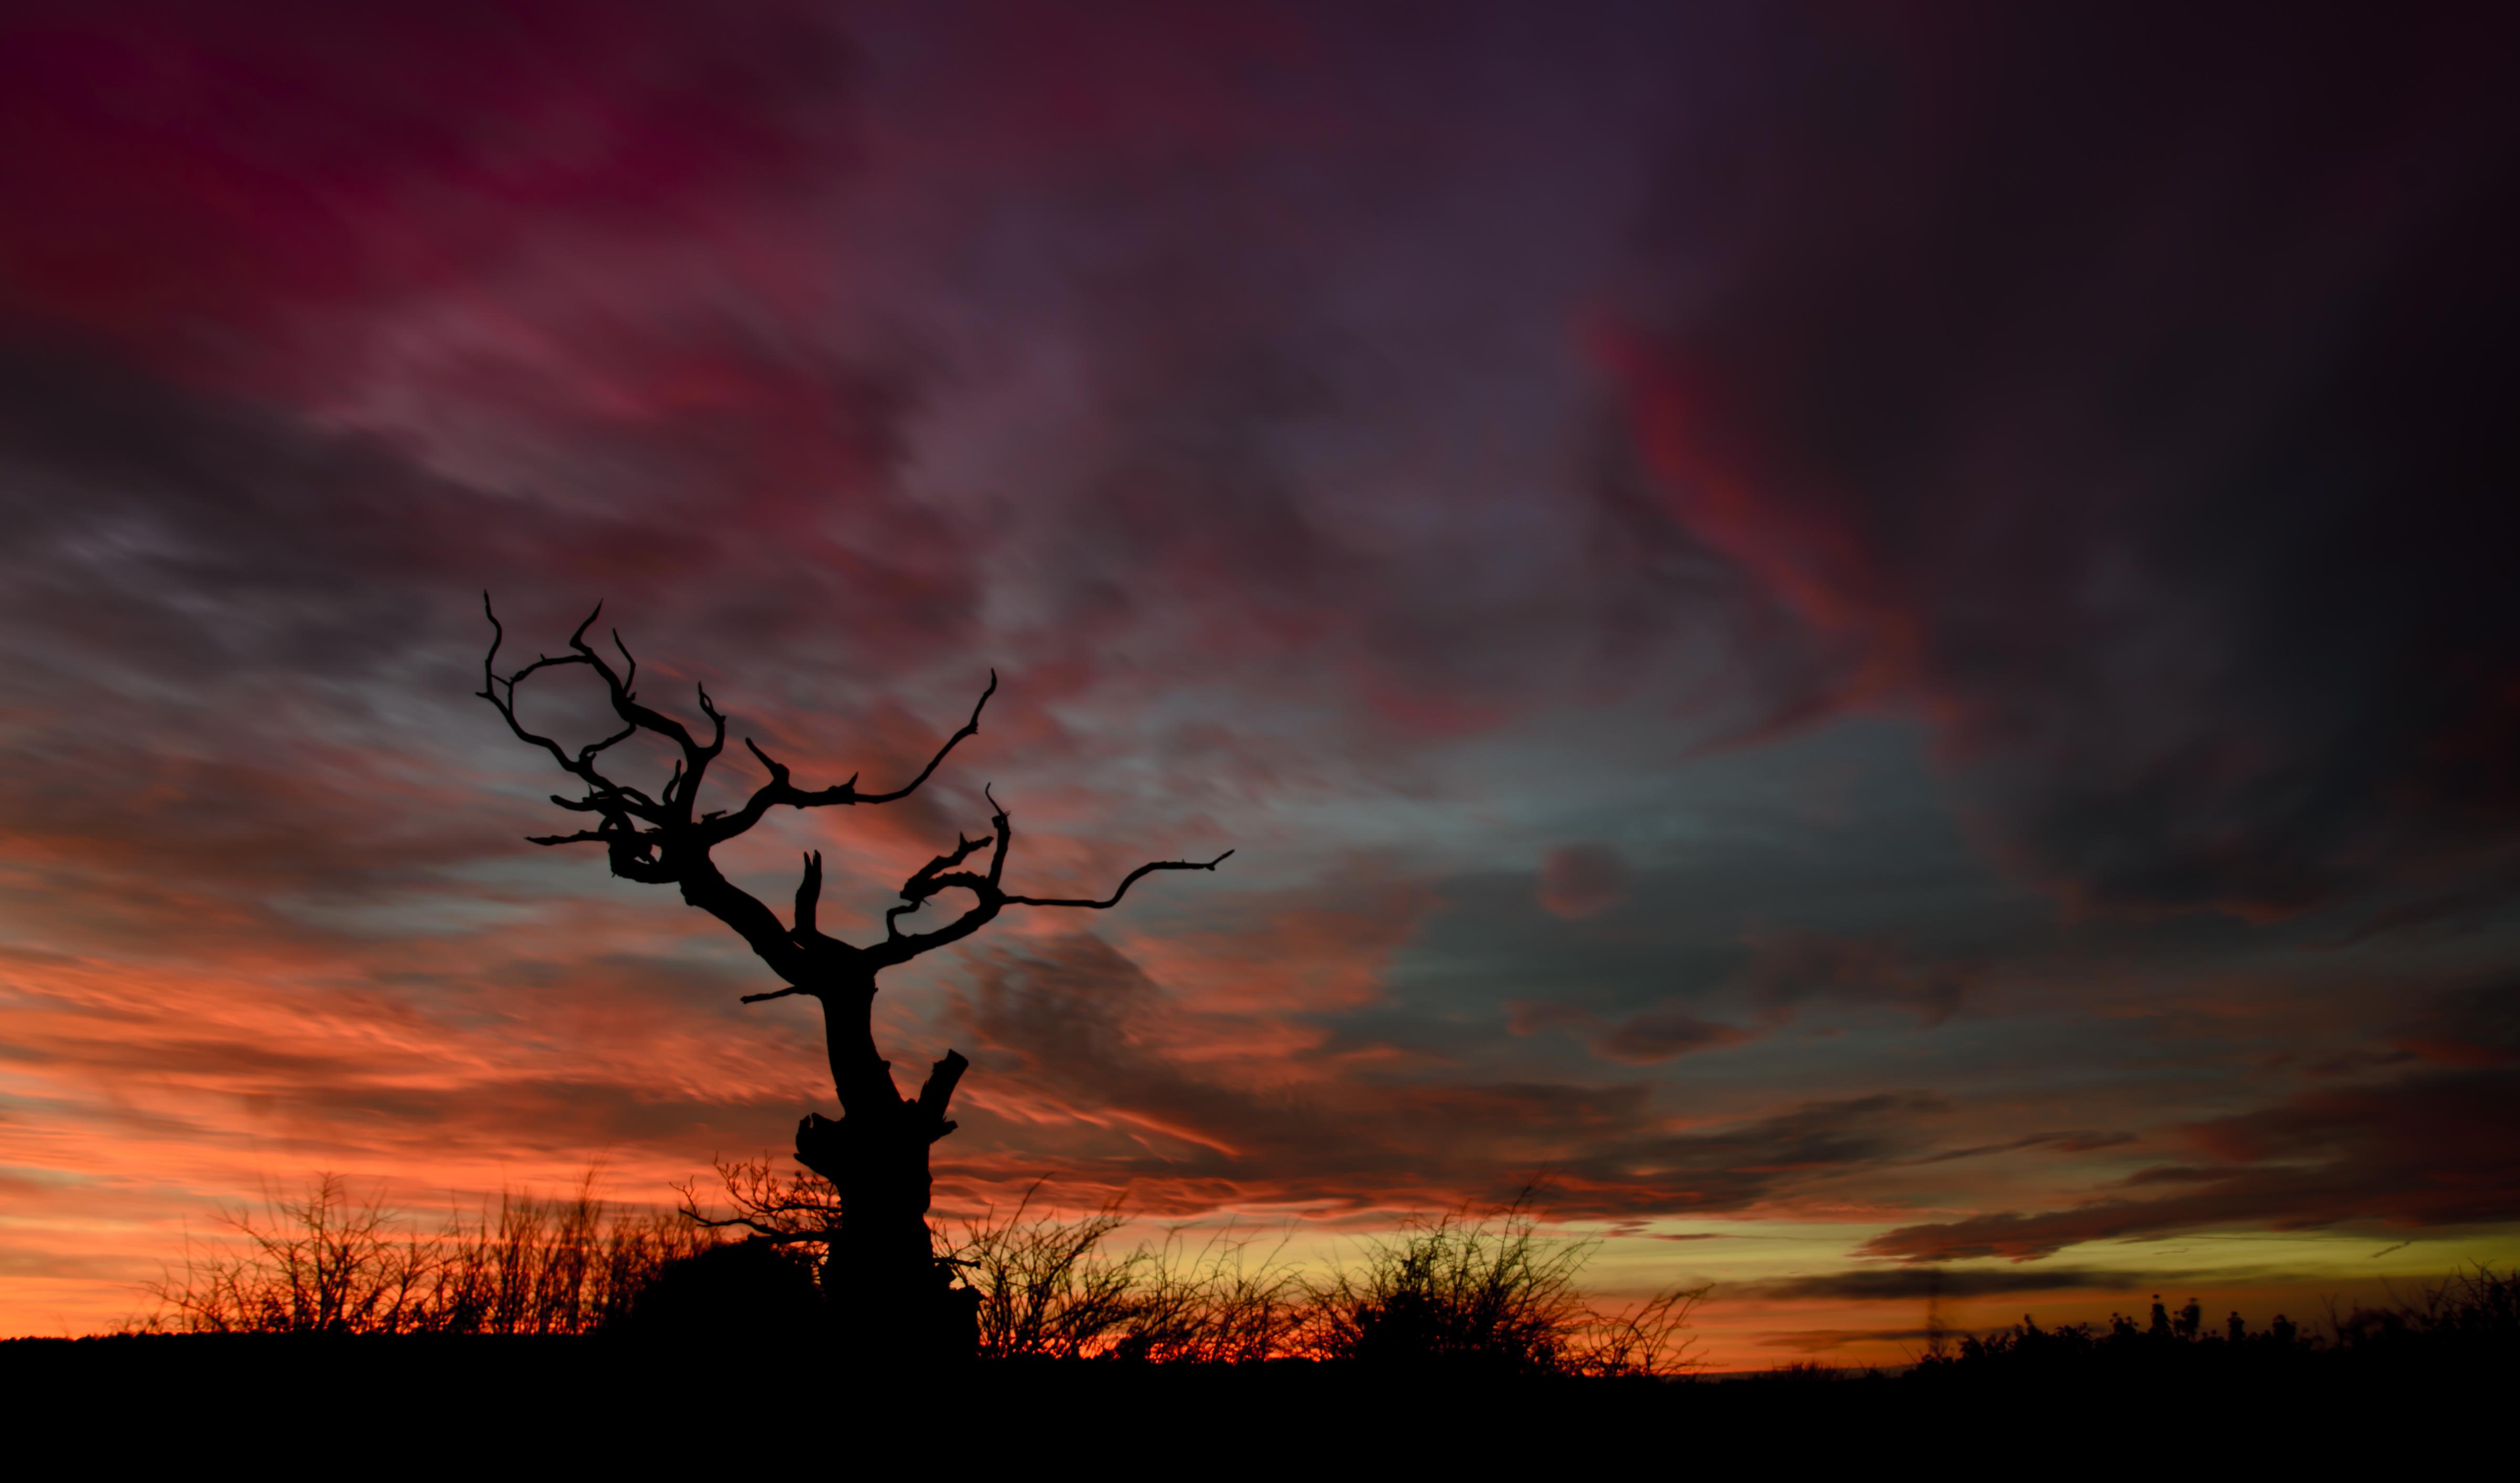 74459 Hintergrundbild 800x480 kostenlos auf deinem Handy, lade Bilder Natur, Sunset, Sky, Übernachtung, Silhouette, Holz, Baum 800x480 auf dein Handy herunter